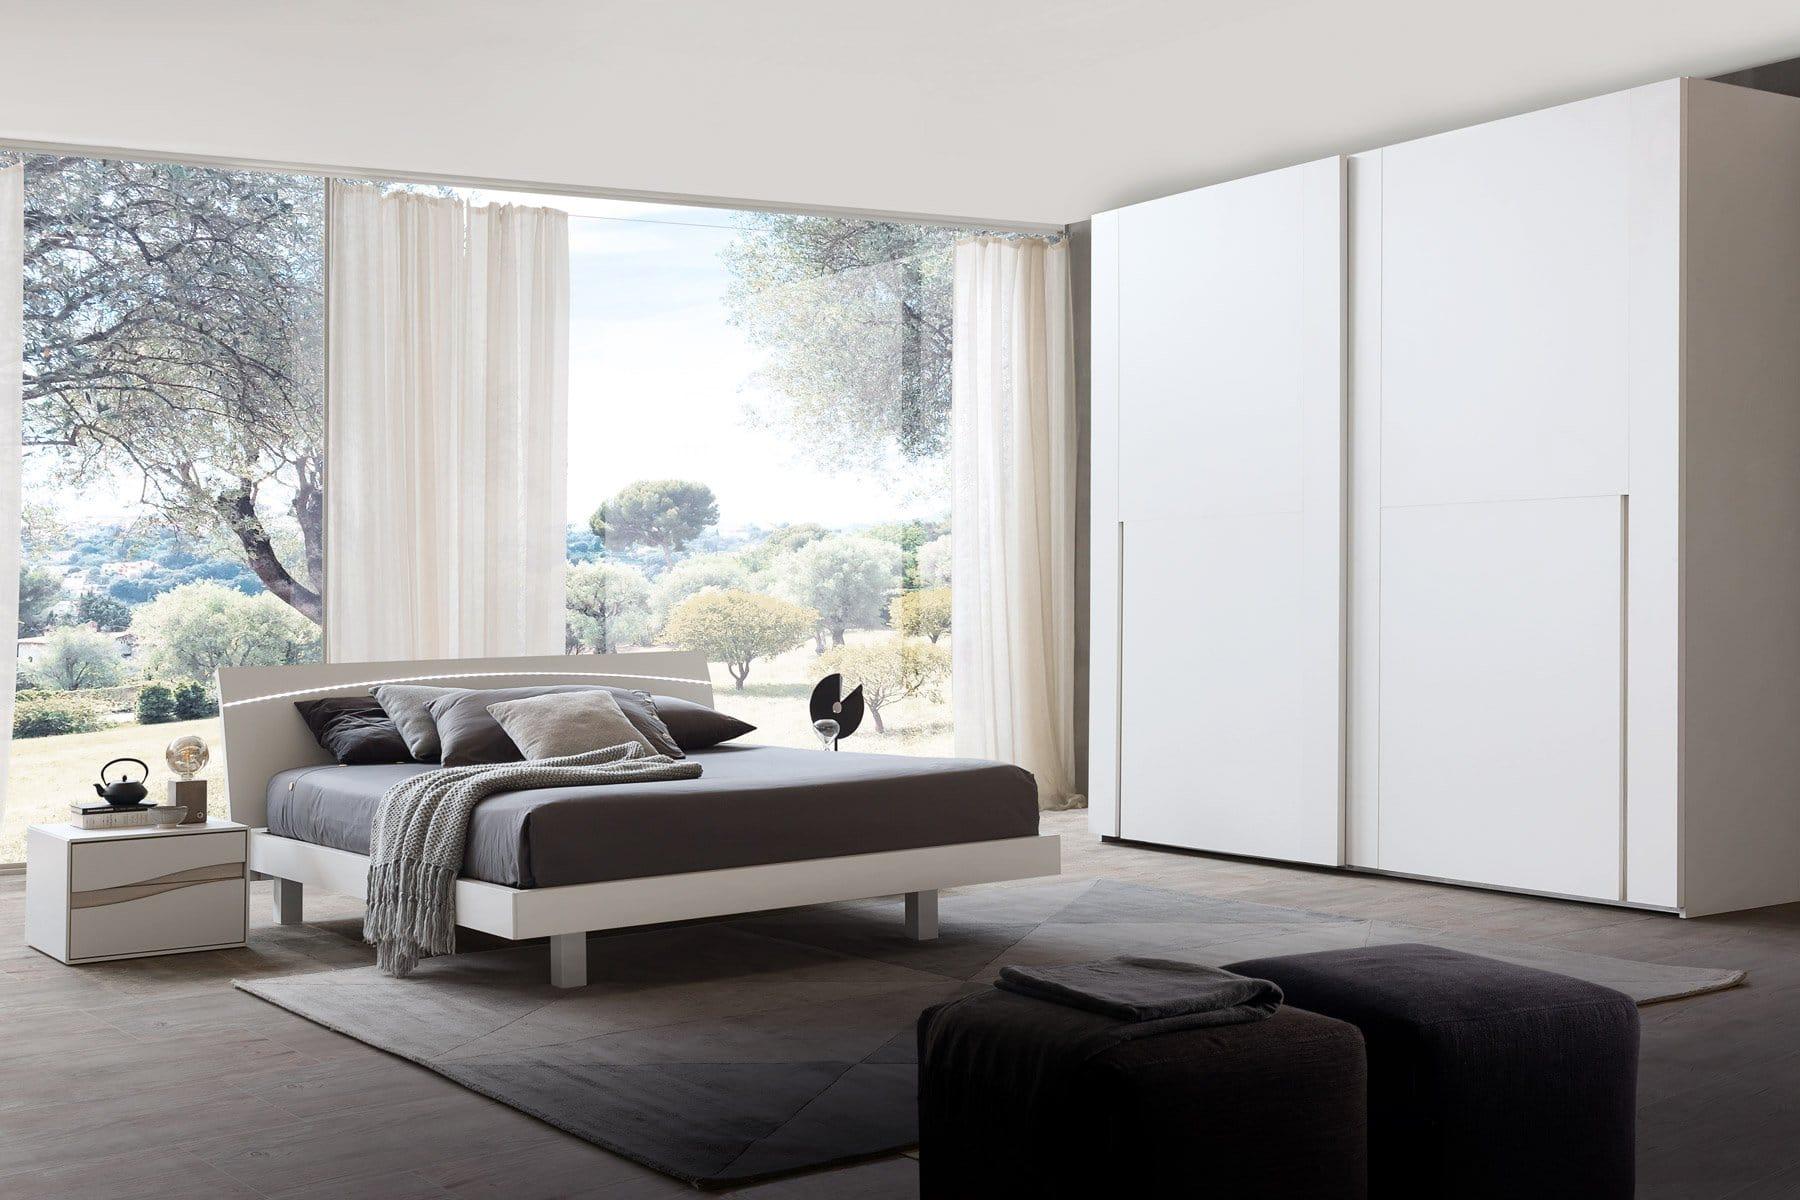 Trova una vasta selezione di camere da letto grigi a prezzi vantaggiosi su ebay. Camera Da Letto Con Armadio Scorrevole Modello Treny Arredamento Zona Notte Camere Mobili Da Notte